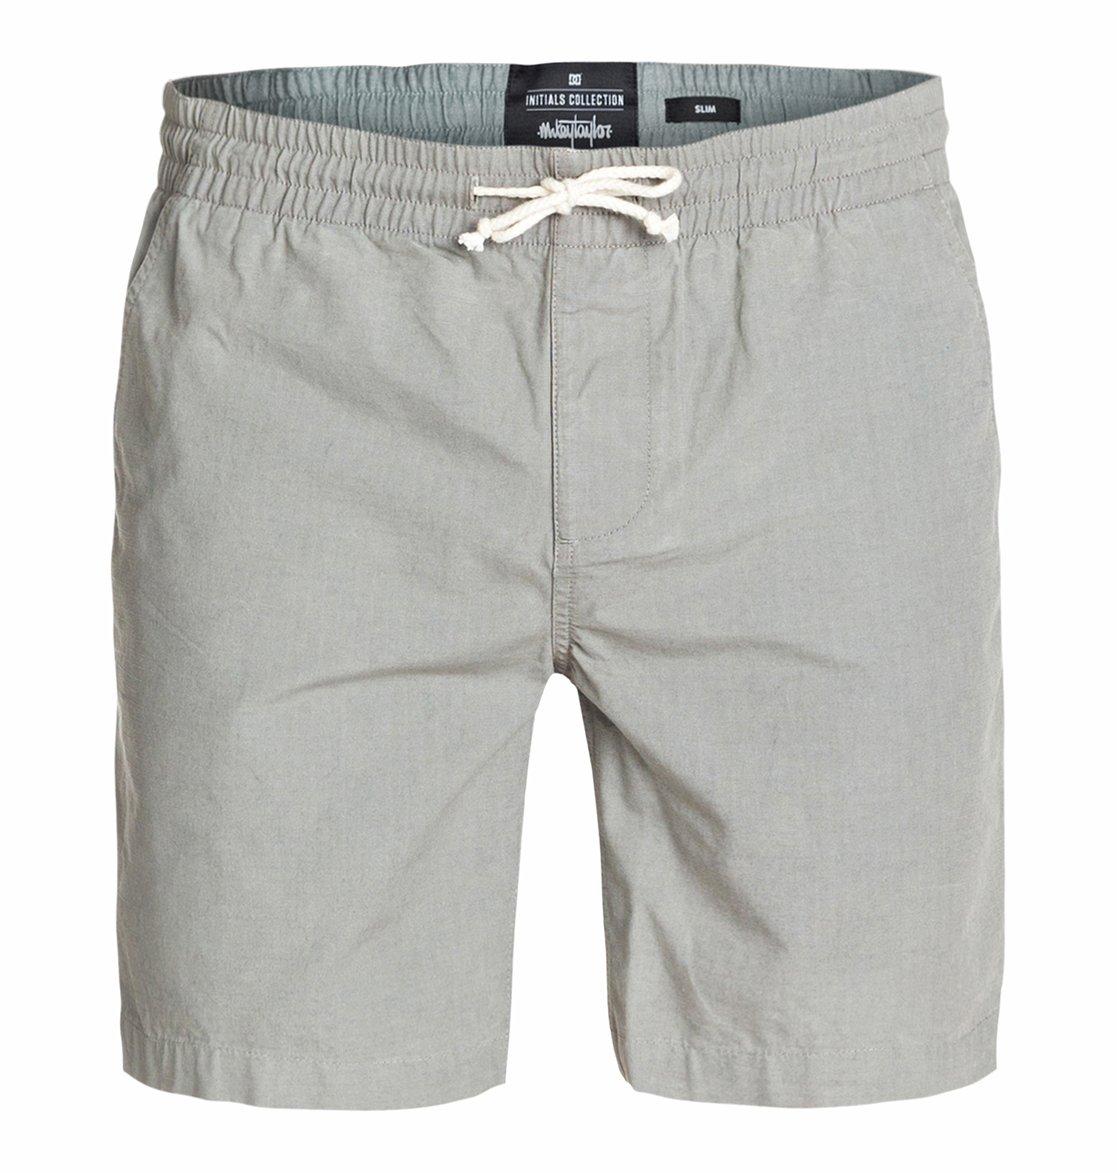 Здесь можно купить   M Taylor Dos Rpstp 18 Slm Shorts Шорты